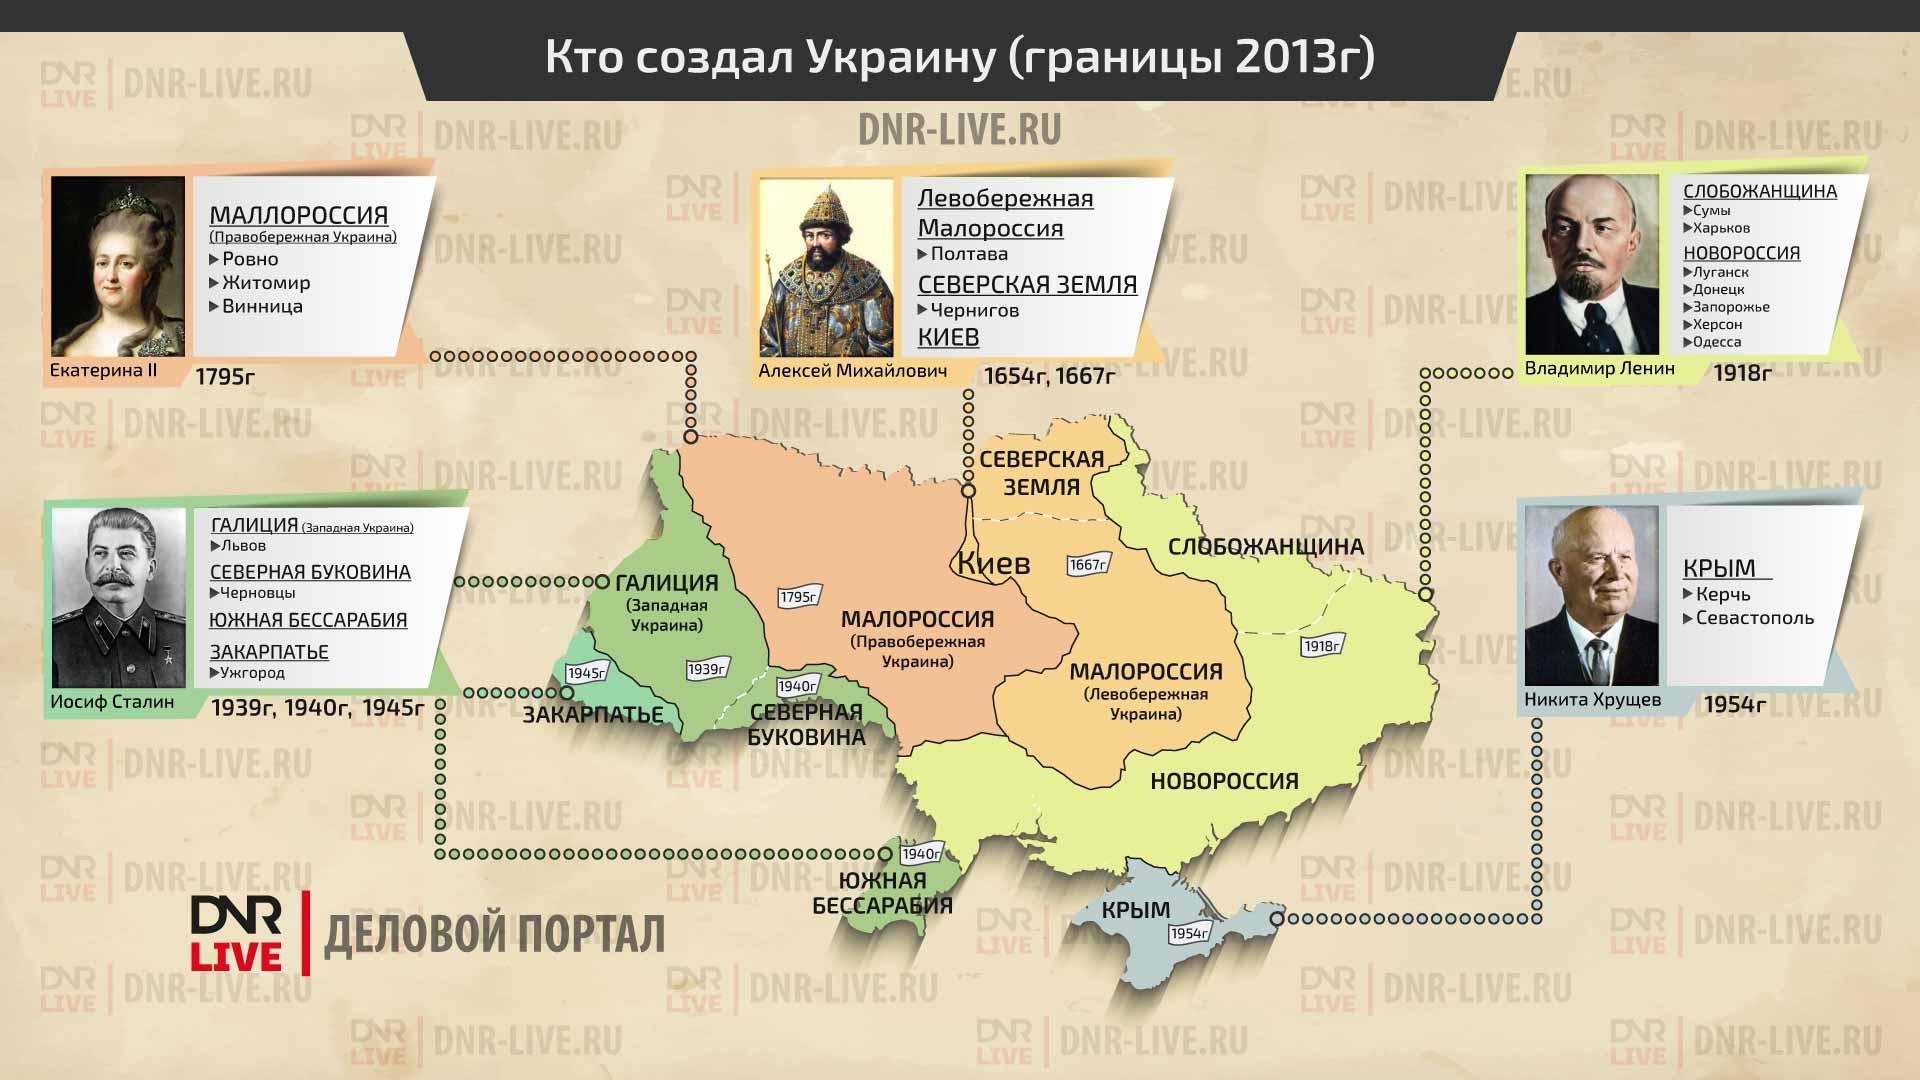 кто создал украину